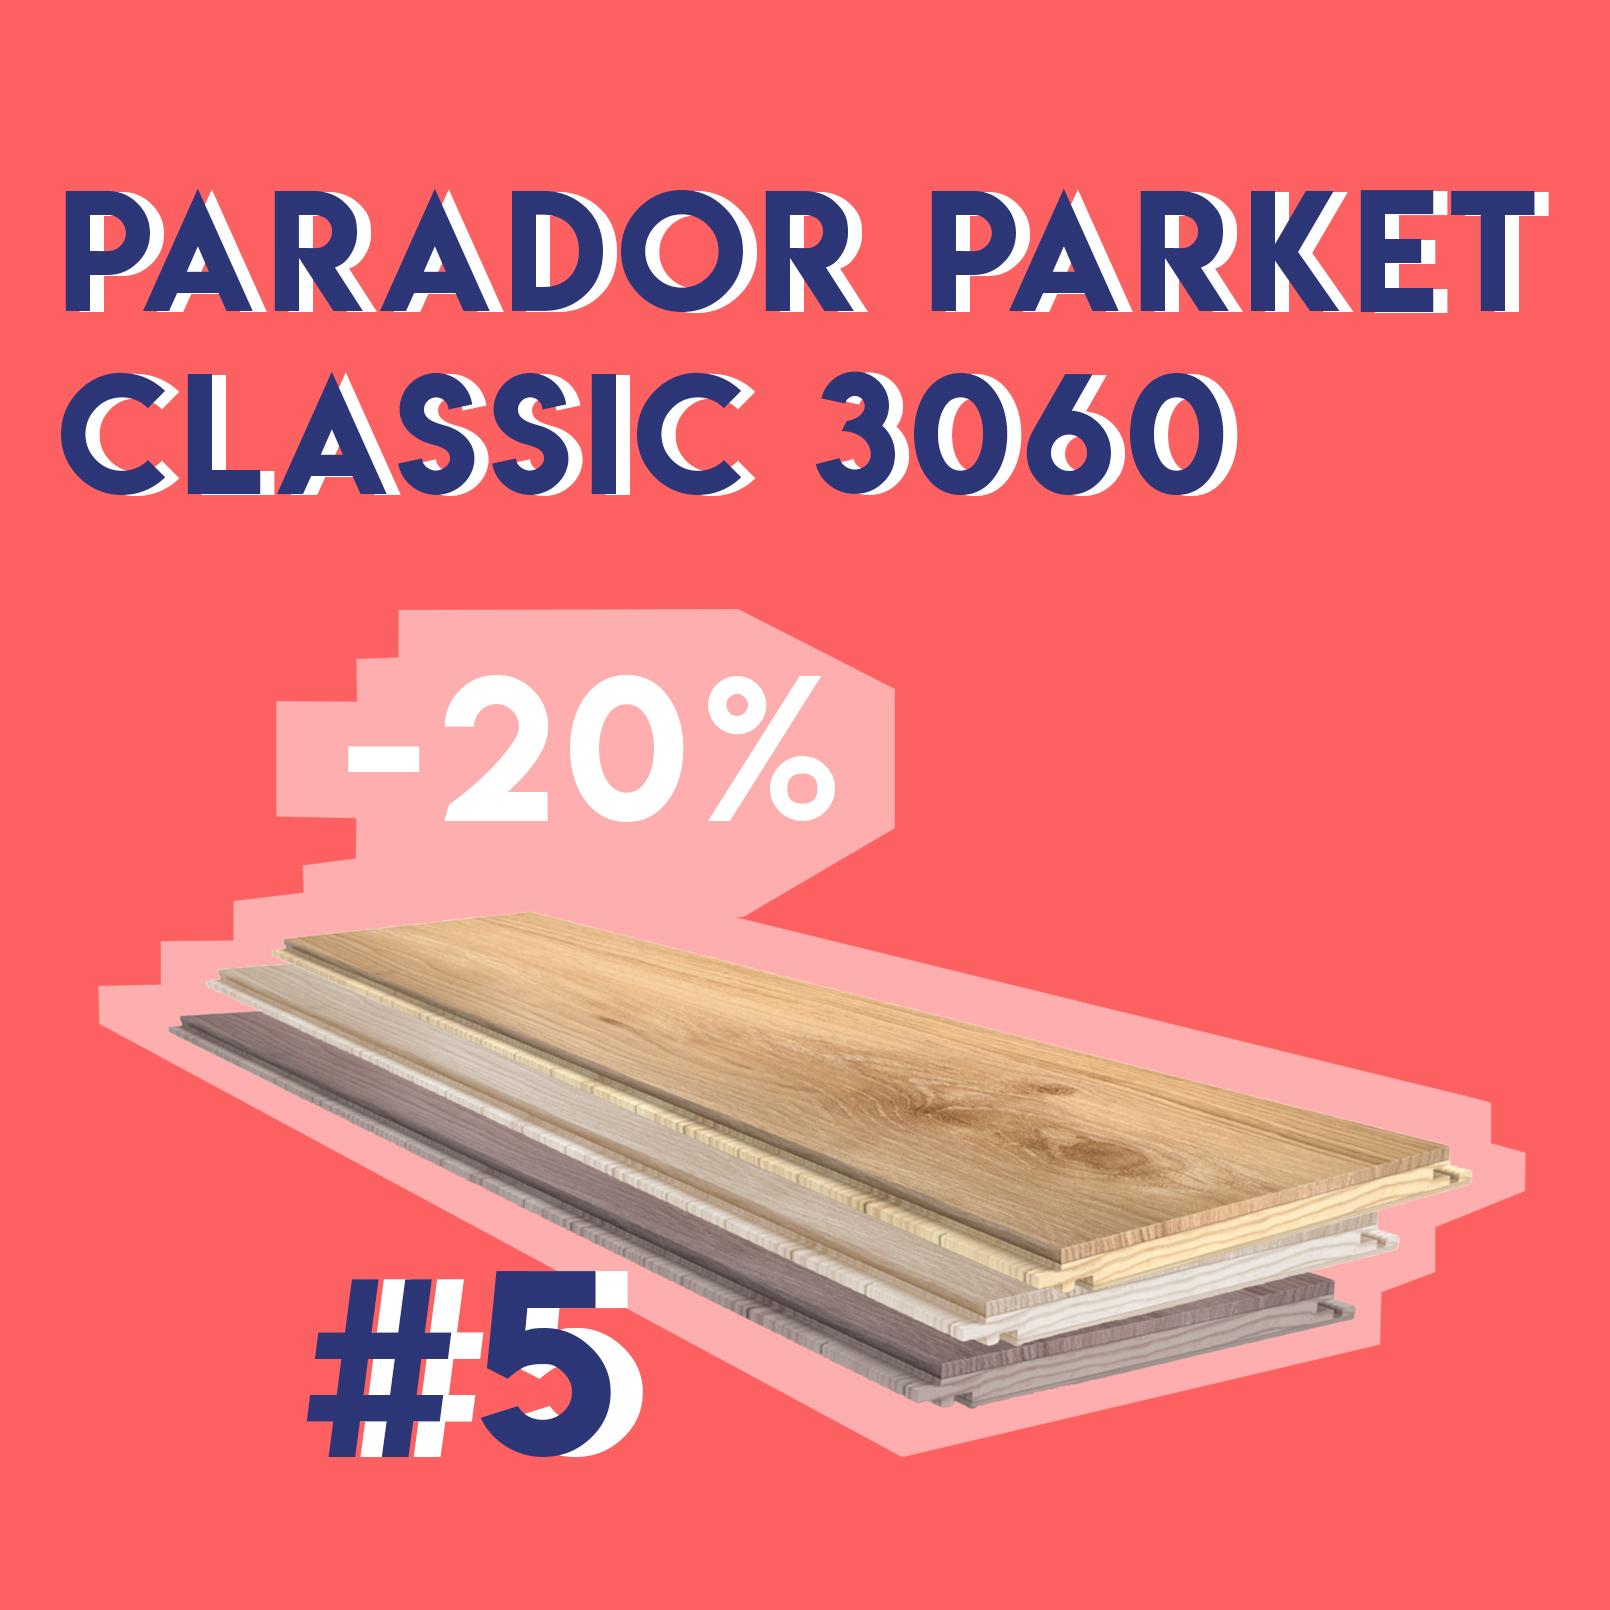 Parador Parket Classic 3060